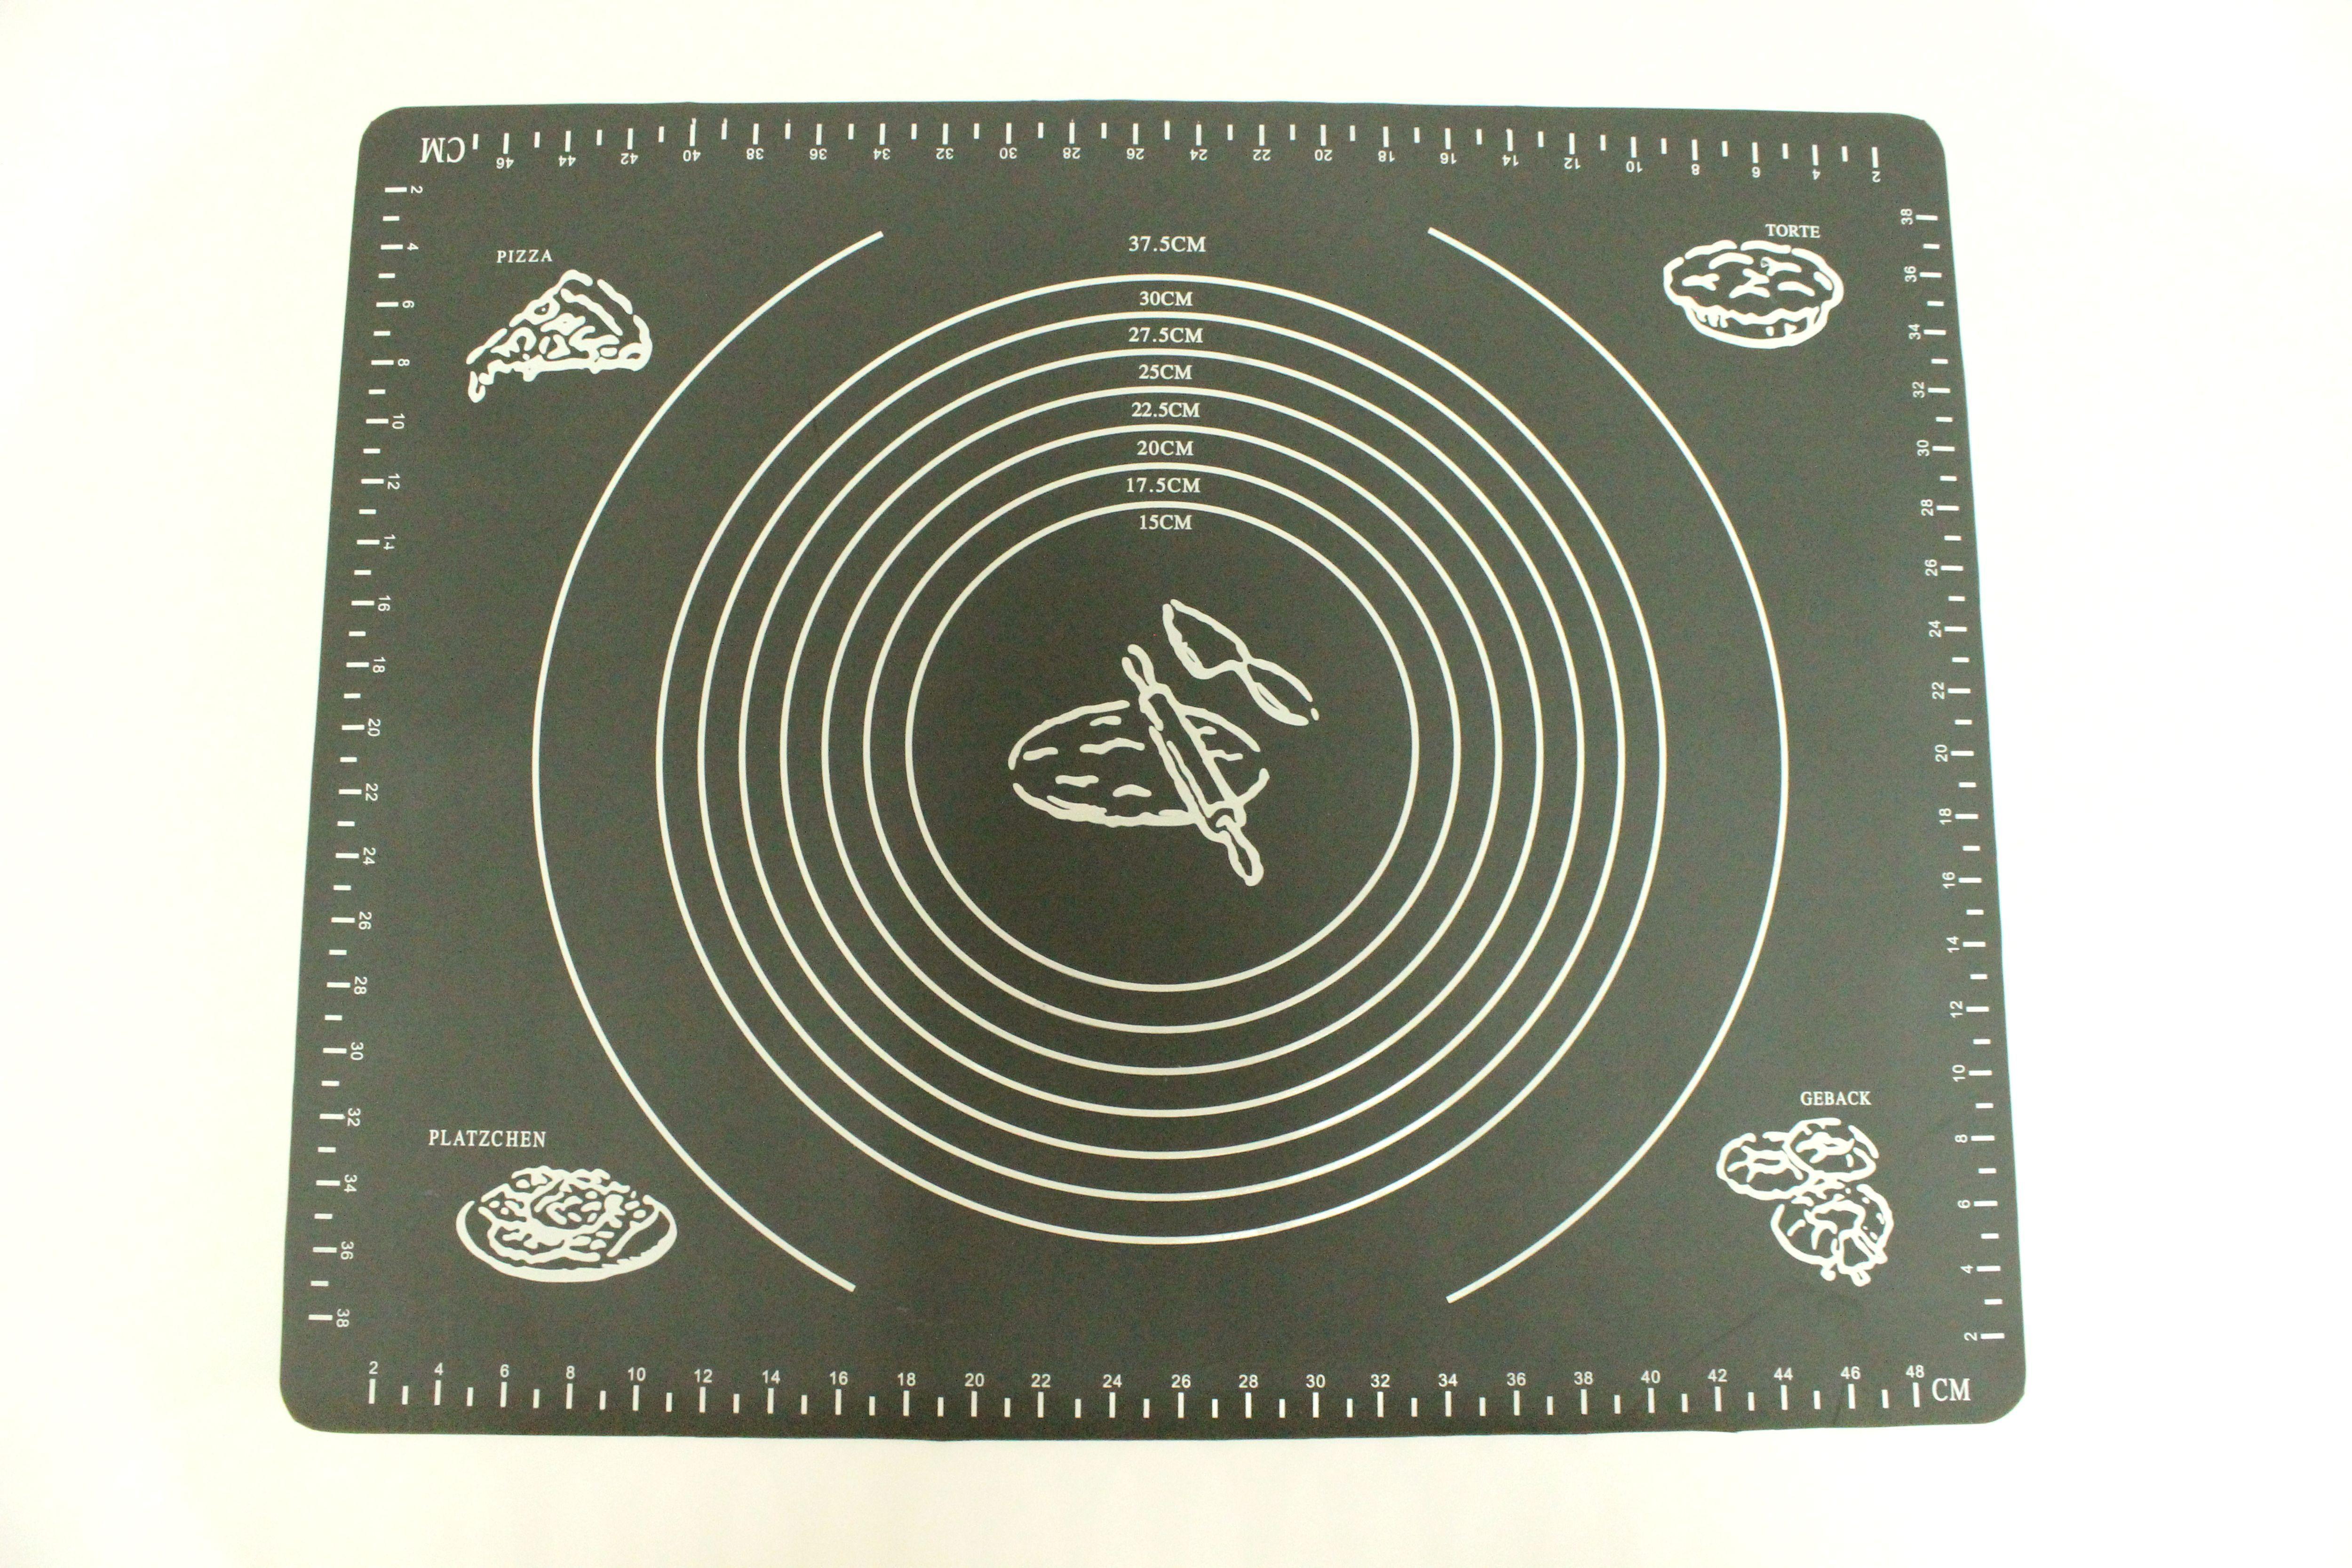 Коврик для выпечки Domodin, цвет: черный, 40 х 50 см94672Коврик для выпечки изготовлен из силикона, поэтому легко гнется и выдерживает температуру до +230 °С. Предназначен для гигиеничного приготовления любой выпечки из теста. Коврик оснащен мерной шкалой по краям (48 см х 38 см) и круглым шаблоном для теста (диаметр 15-37,5 см). Раскатывая тесто на таком коврике, вы всегда сможете придать ему нужный размер. Кроме того, тесто не прилипает. Коврик очень удобный и облегчит приготовление теста.